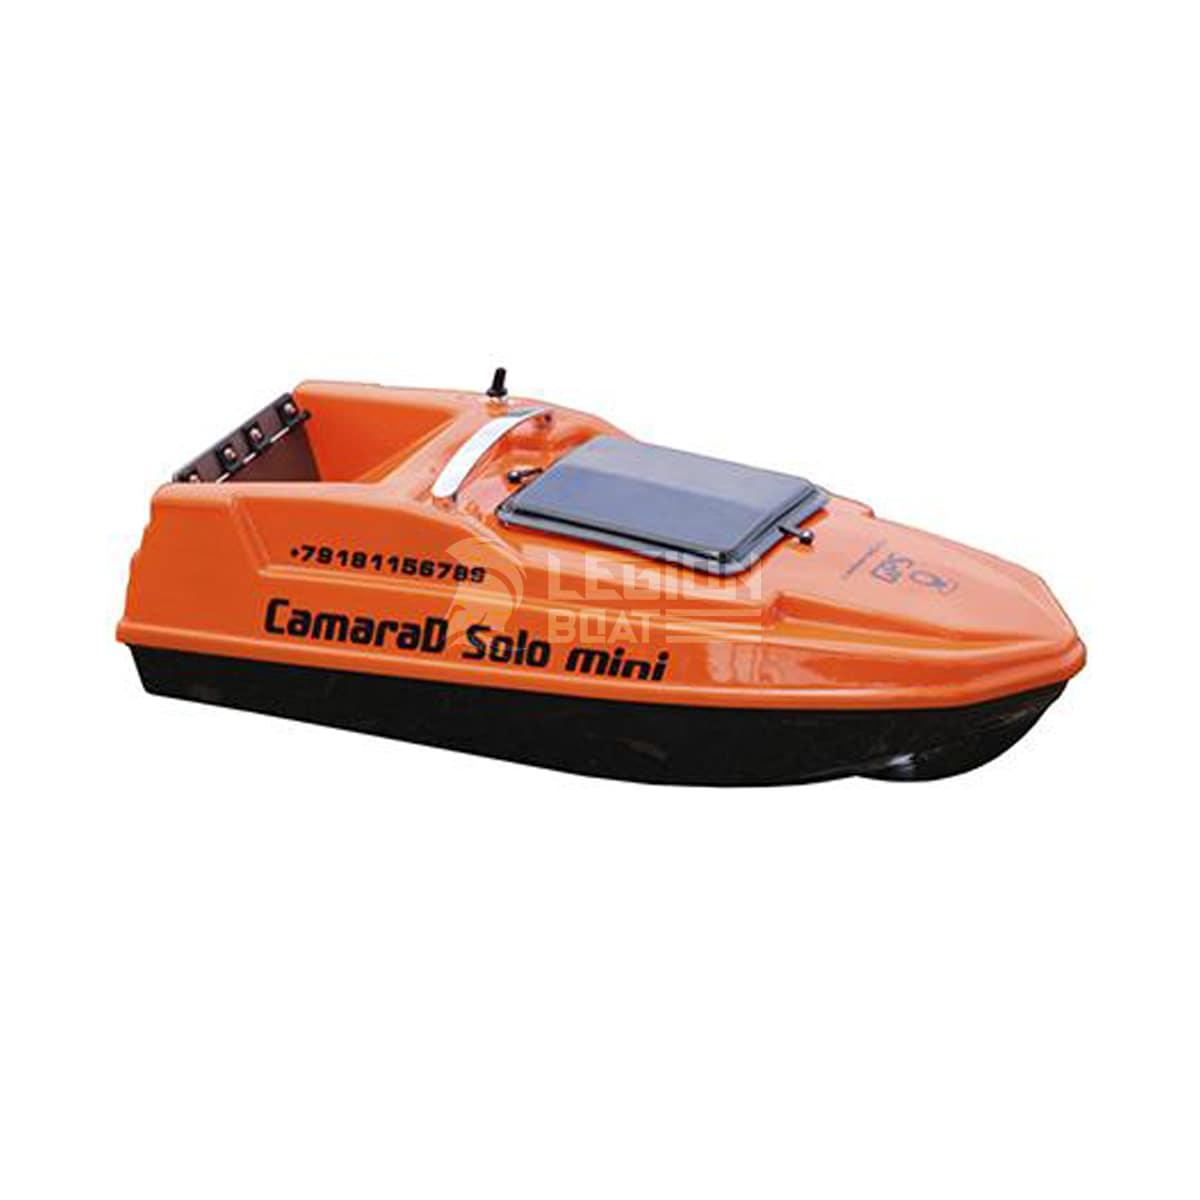 Кораблик Camarad SpeeD Solo mini